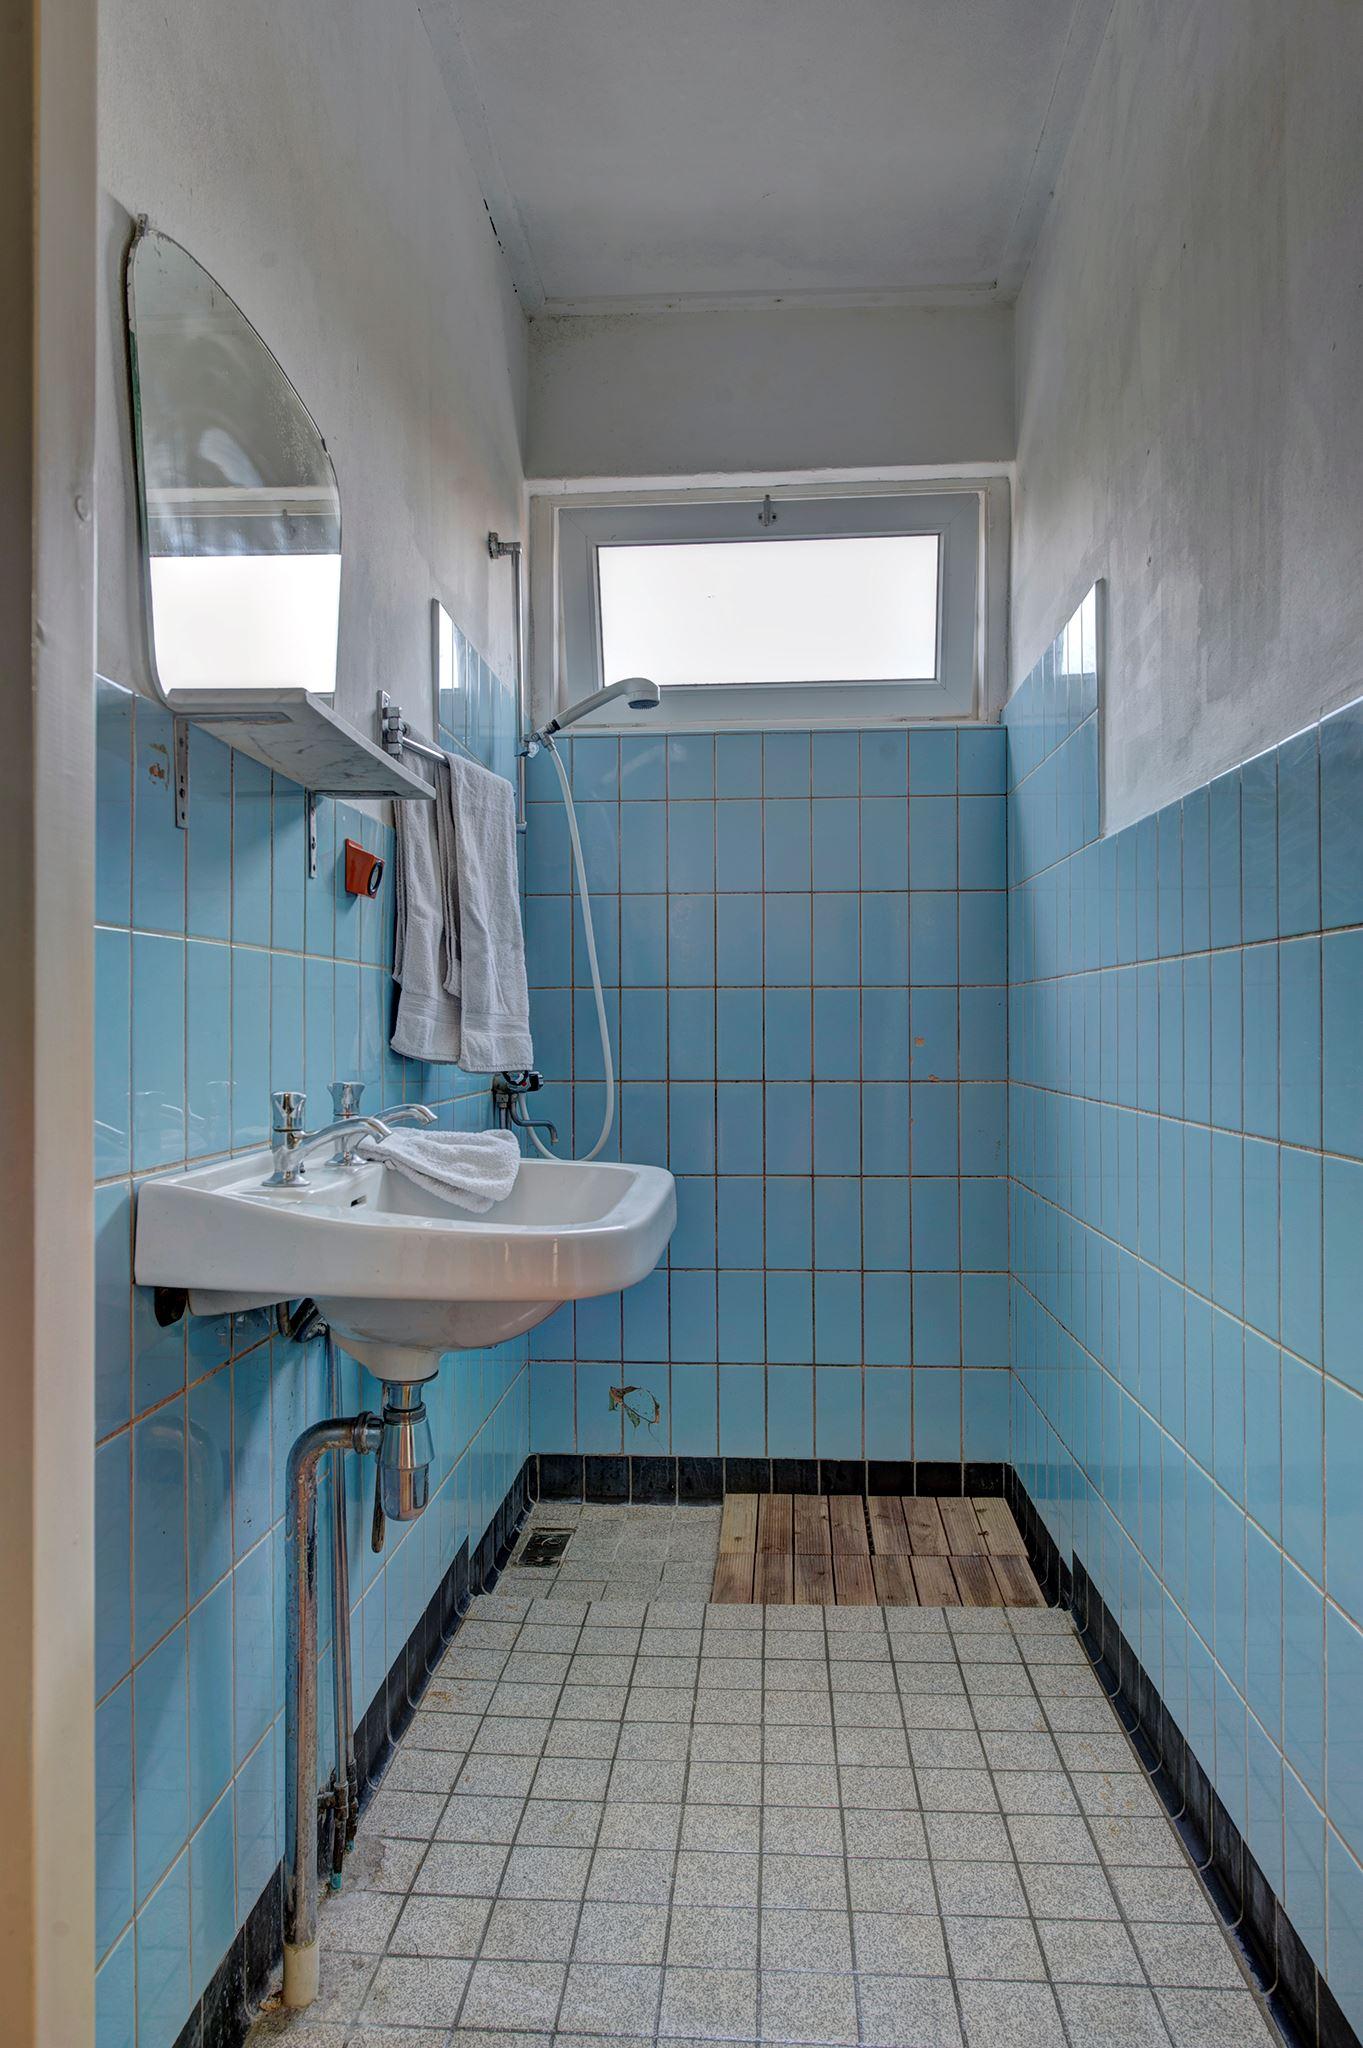 Huis te koop molenweg 32 9914 pm zeerijp funda for Mijn huis op funda